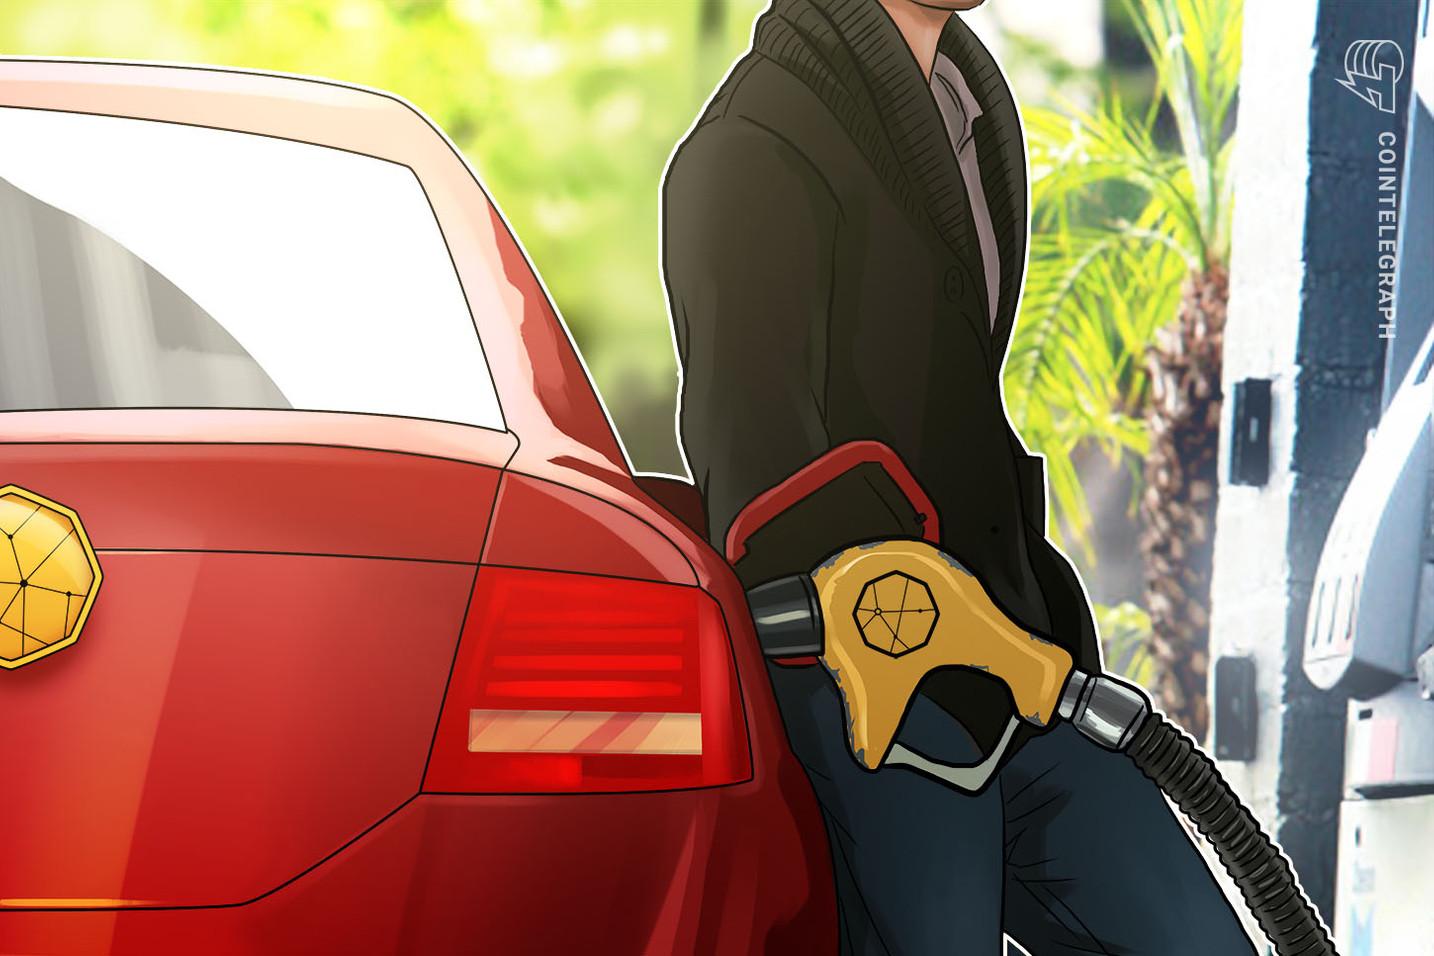 Diferentes tipos de tarifas de gas: Electrocoin permite pagar gasolina con criptomonedas en Croacia